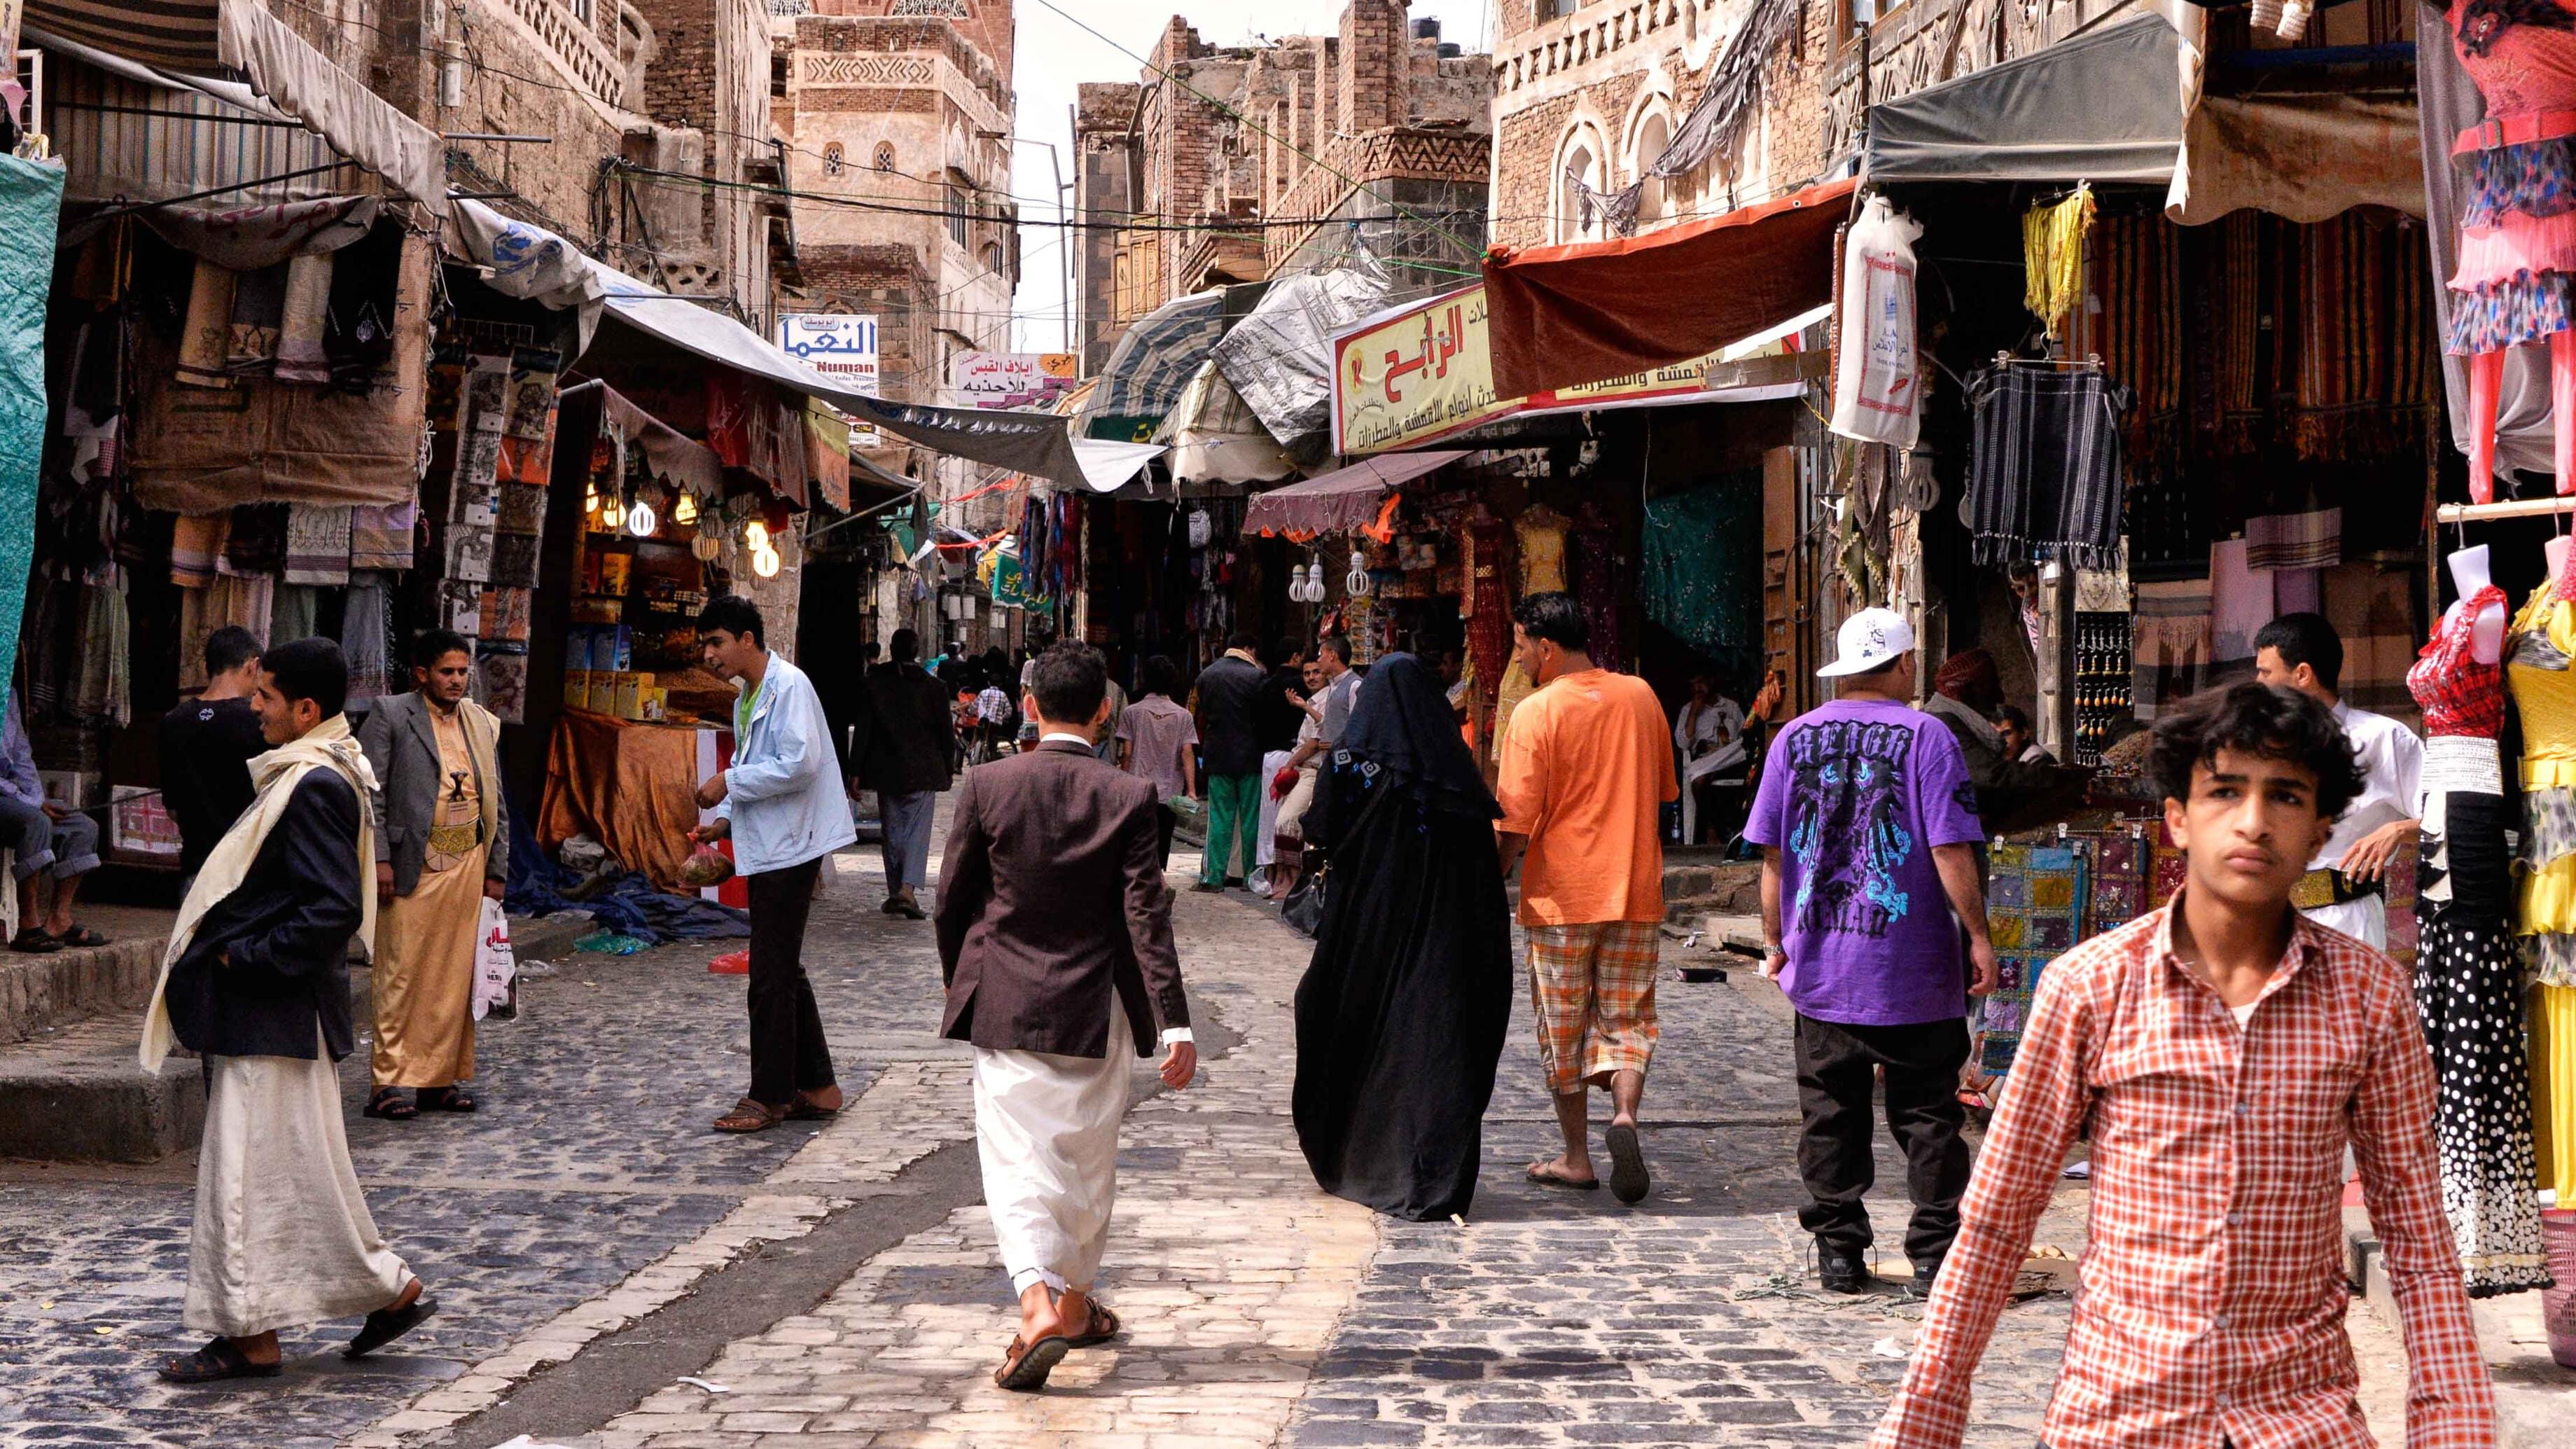 Une rue commerçante piétonne de Sana'a, où les clients peuvent faire leurs achats dans des échoppes en extérieur.